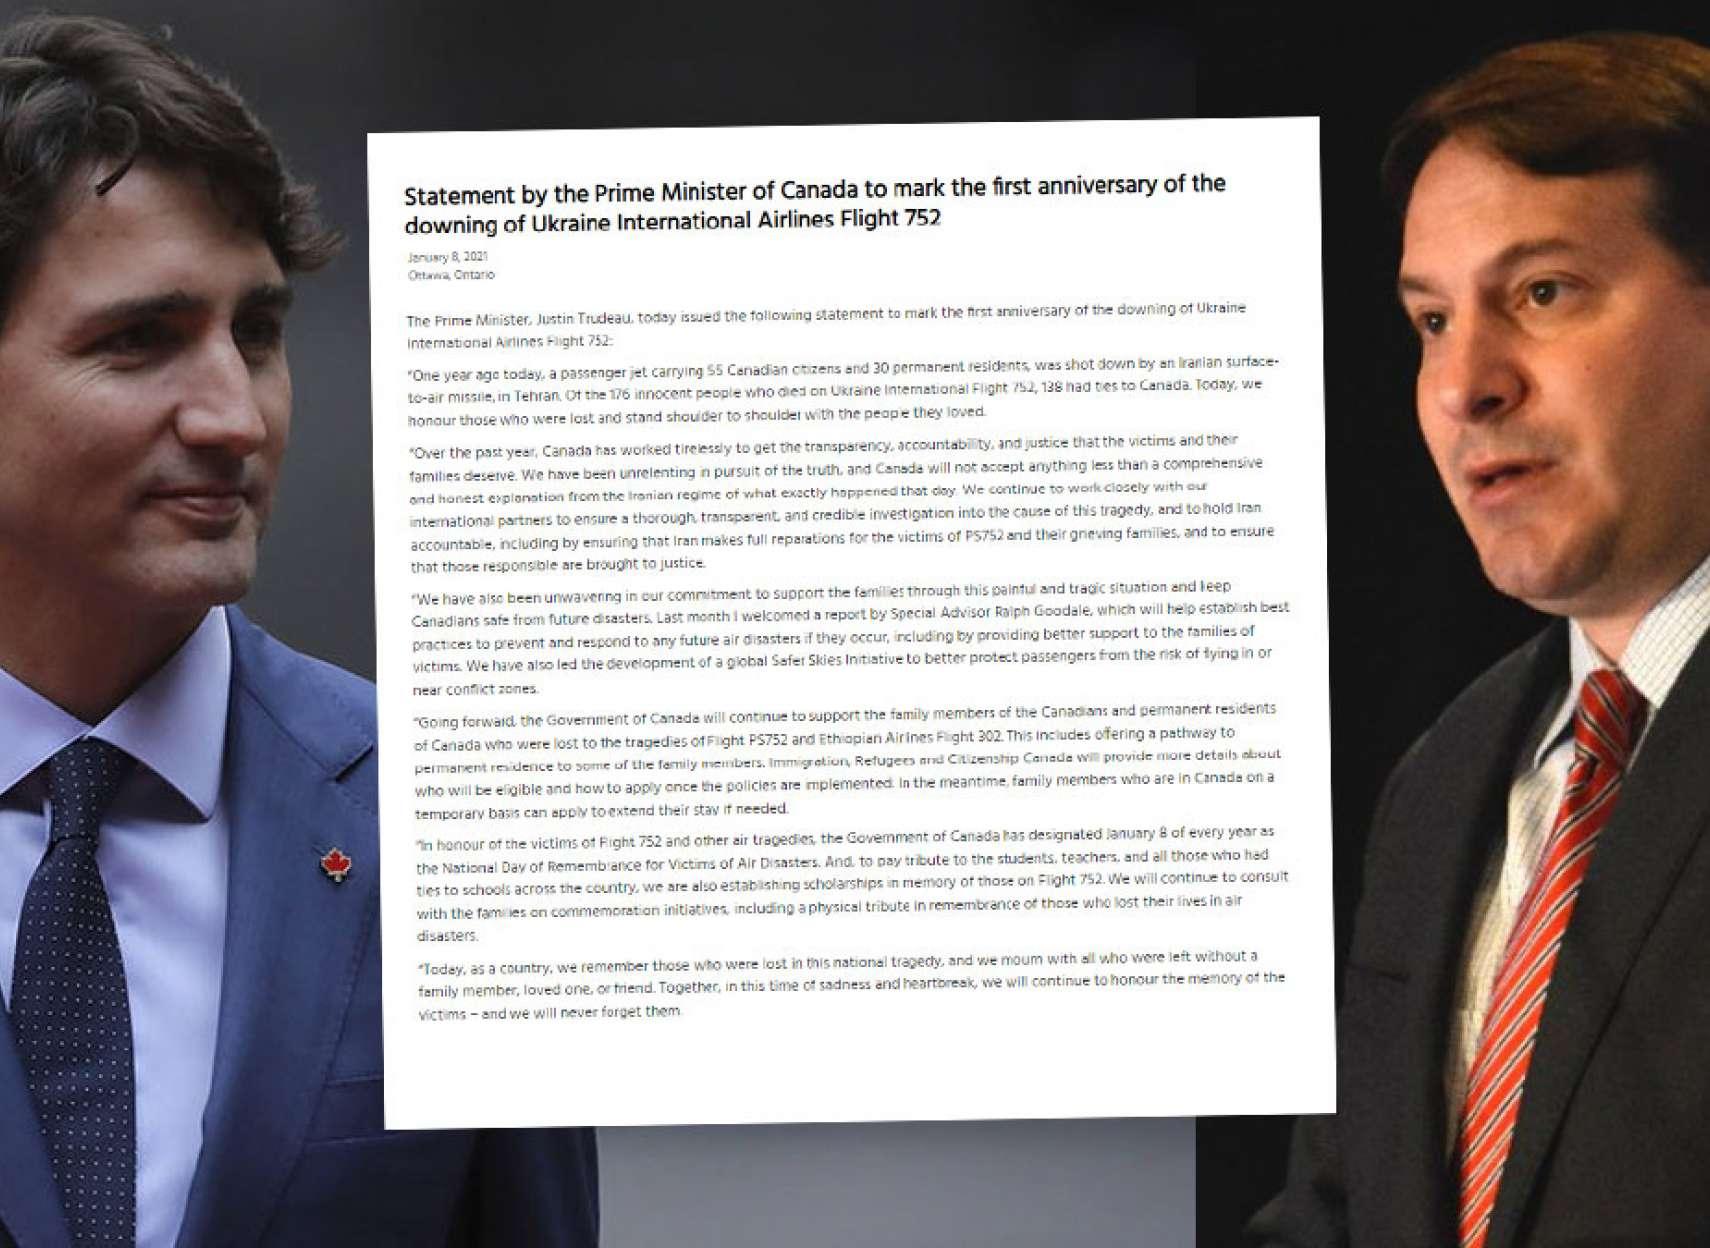 وزیر مهاجرت، پناهندگی و شهروندی: کانادا مسیر ویژه اقامتی را به برخی از بازماندگان پرواز اوکراینی اعطا میکند